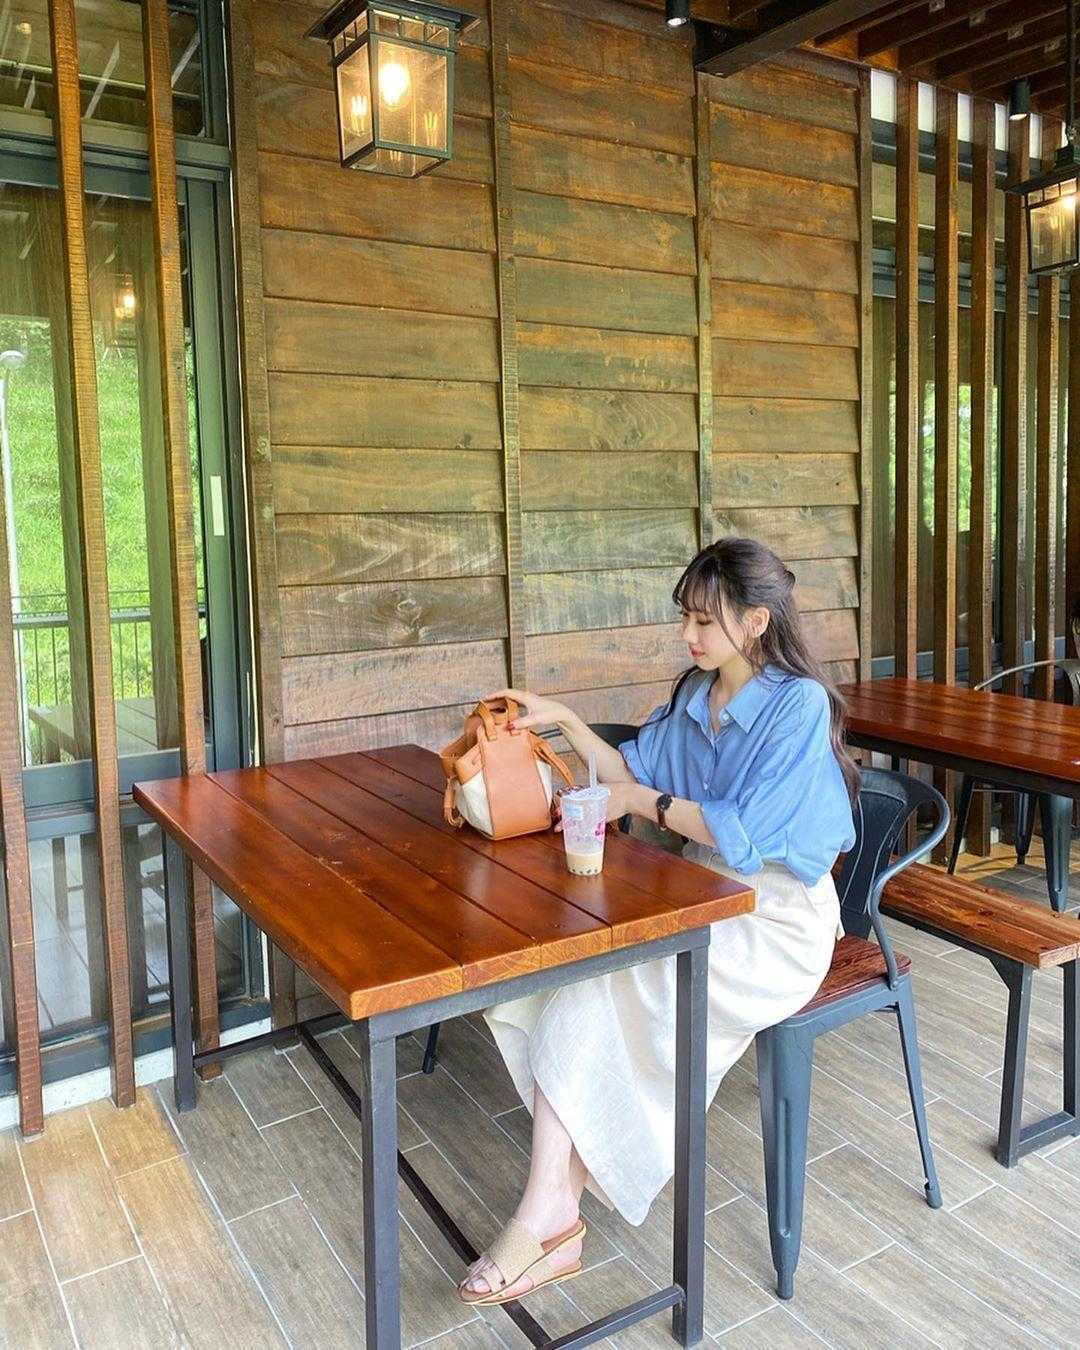 南投魚池鄉|Hohocha喝喝茶|台灣香日月潭紅茶廠,製茶體驗、免費喝日月潭紅茶吃茶葉蛋。